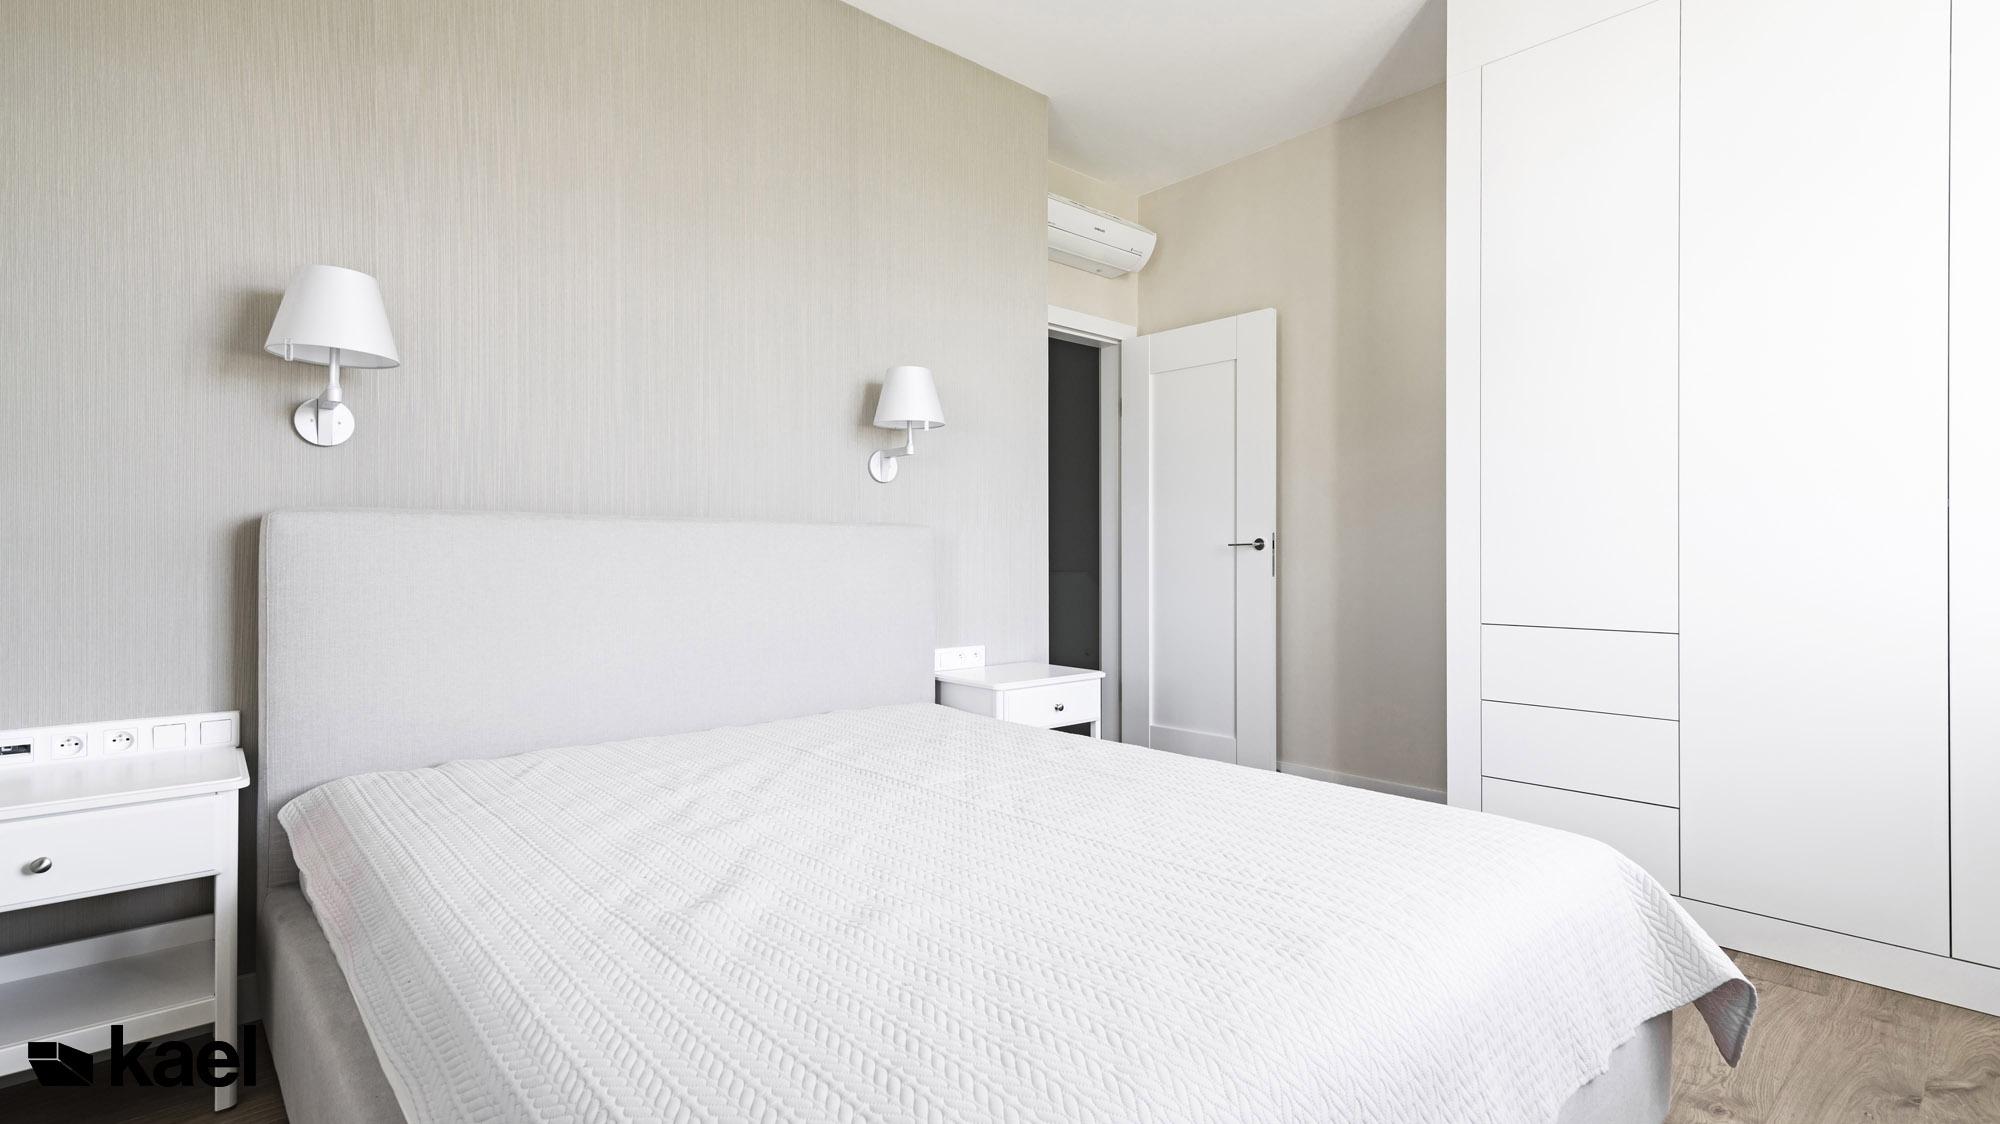 Sypialnia - Czerwonych Dębów - projekt wnętrza domu jednorodzinnego